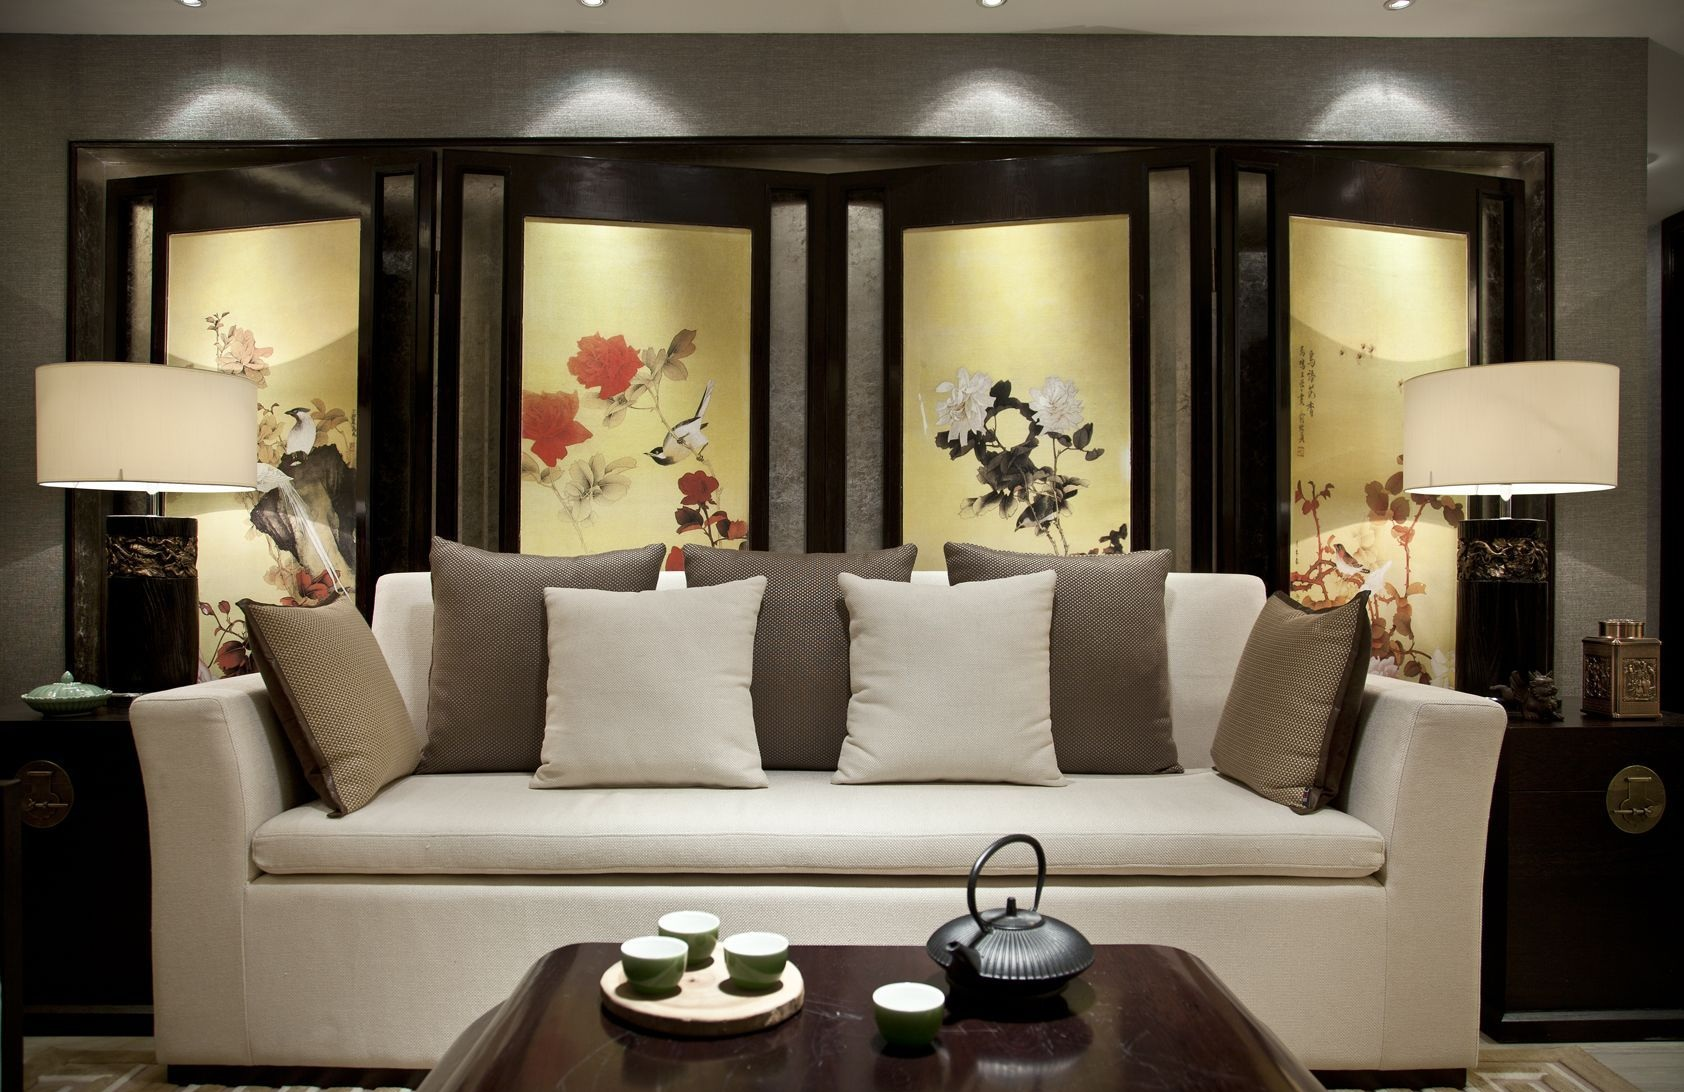 沙发背景墙与电视背景墙都是浅色的花纹,这个角度看过去红木的博古架十分的典雅